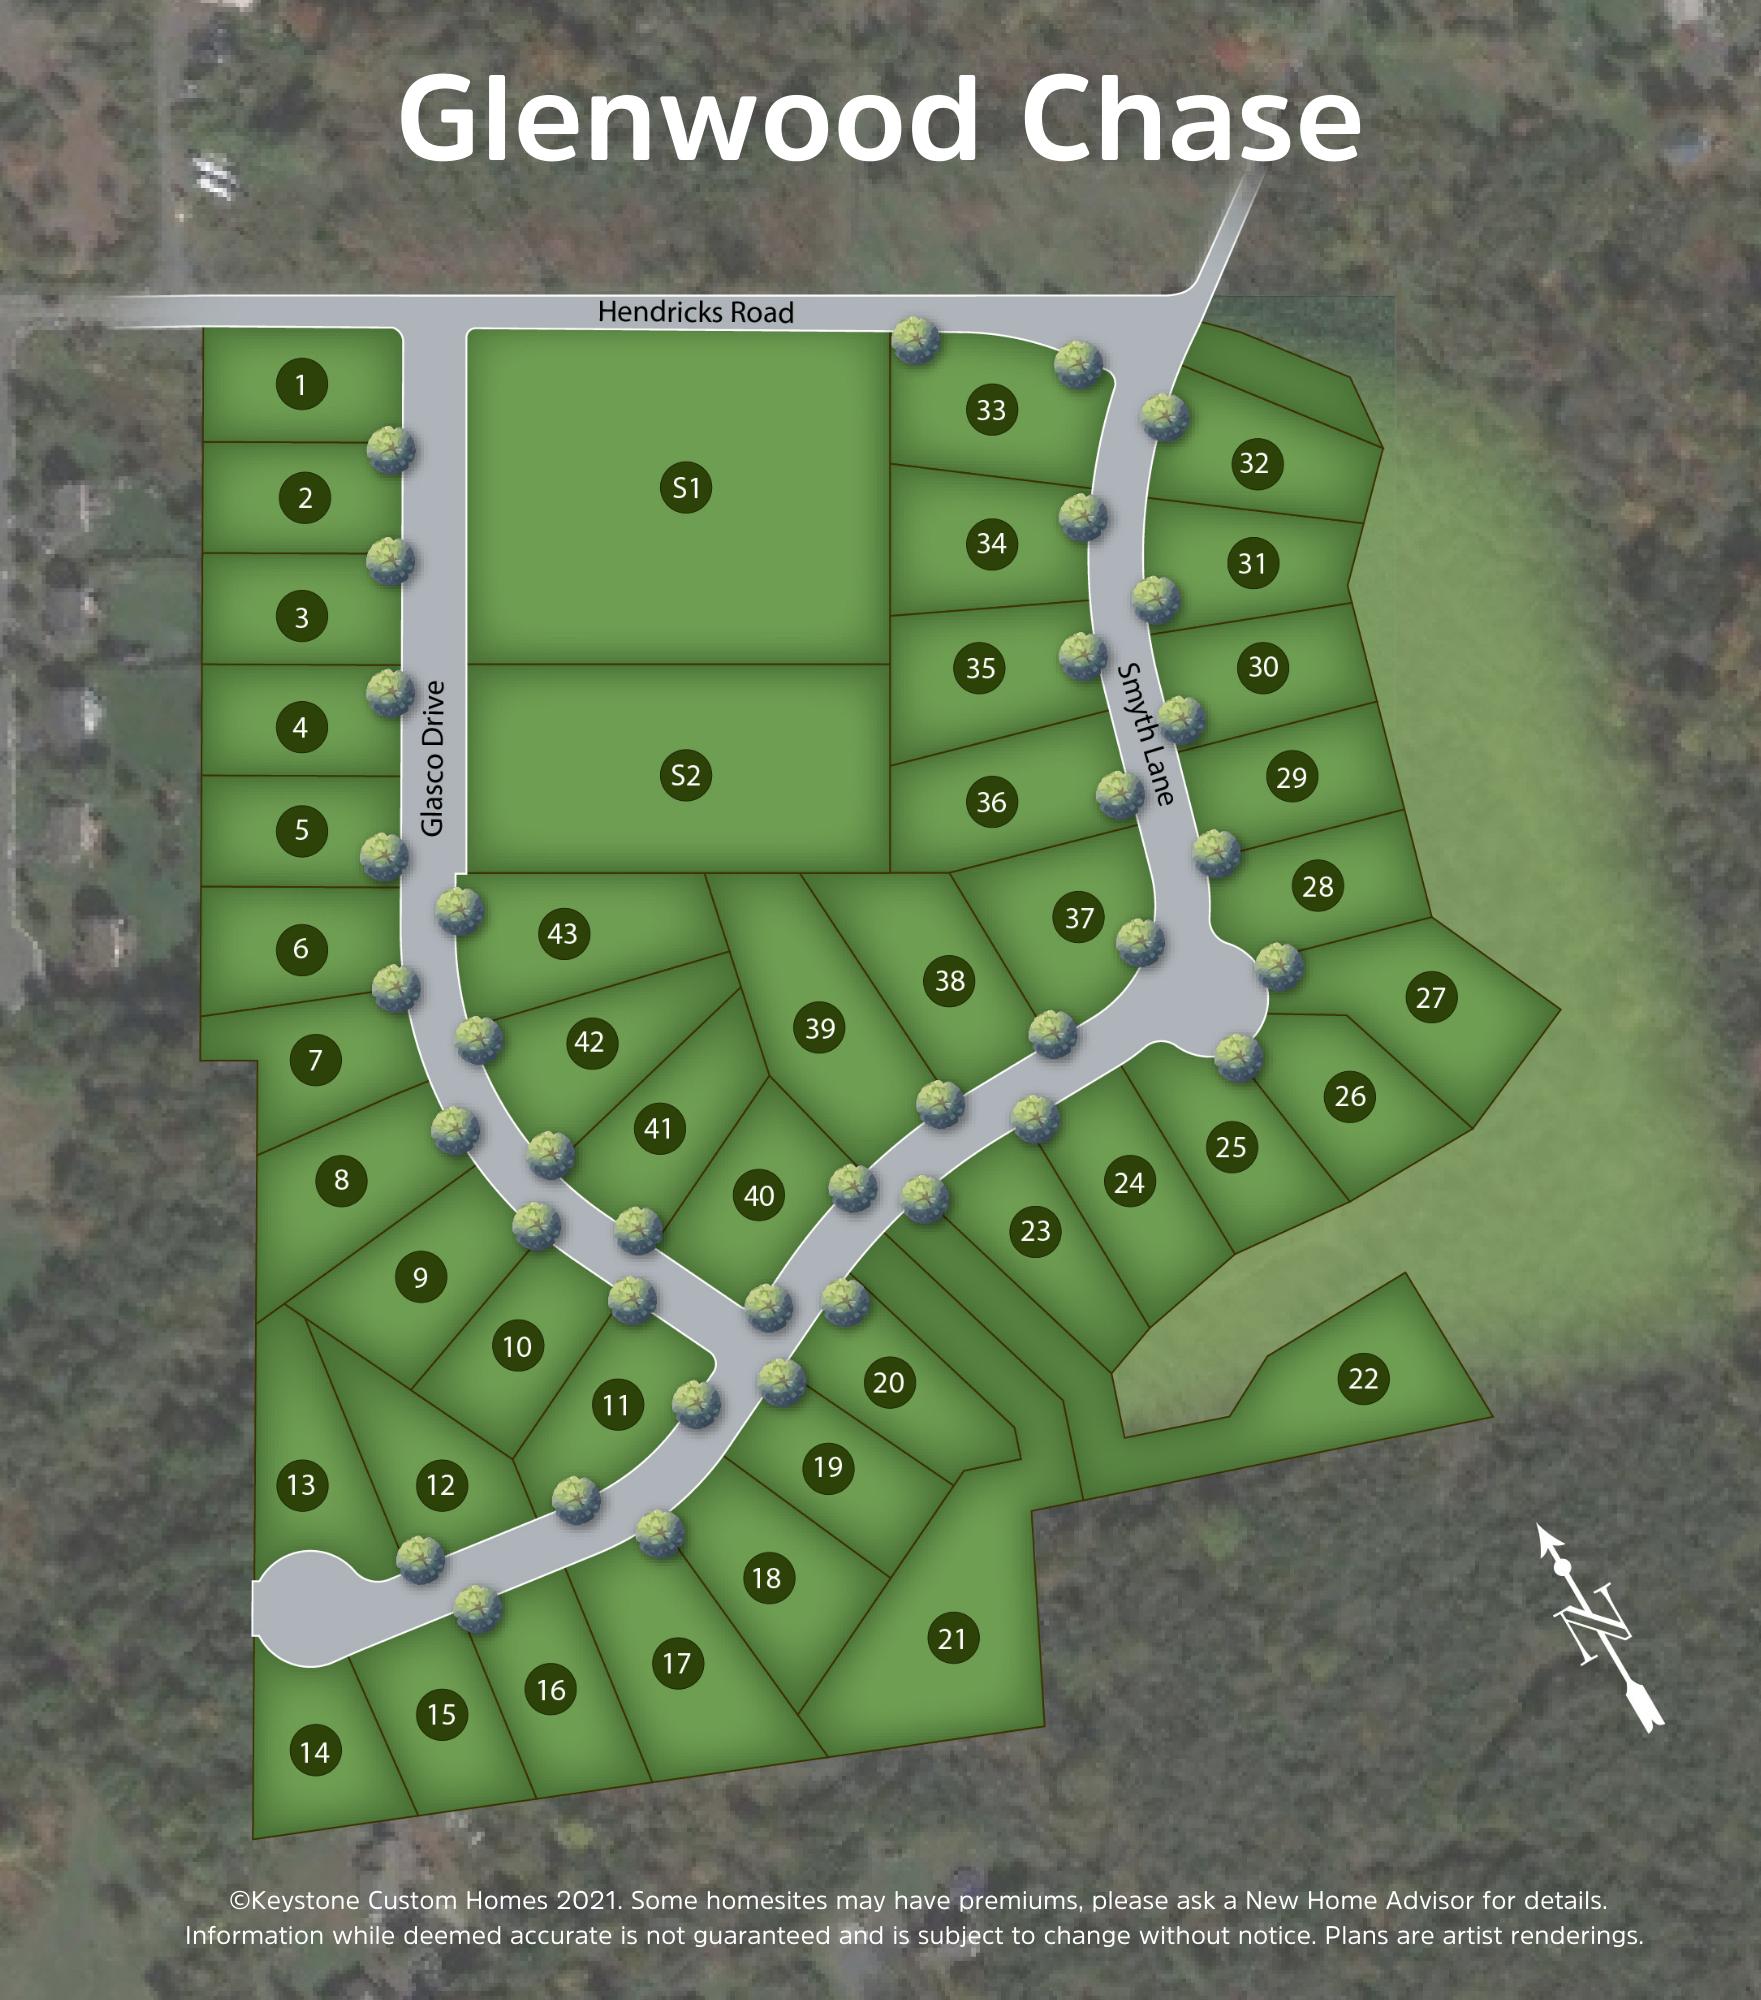 Glenwood Chase Lot Map Background